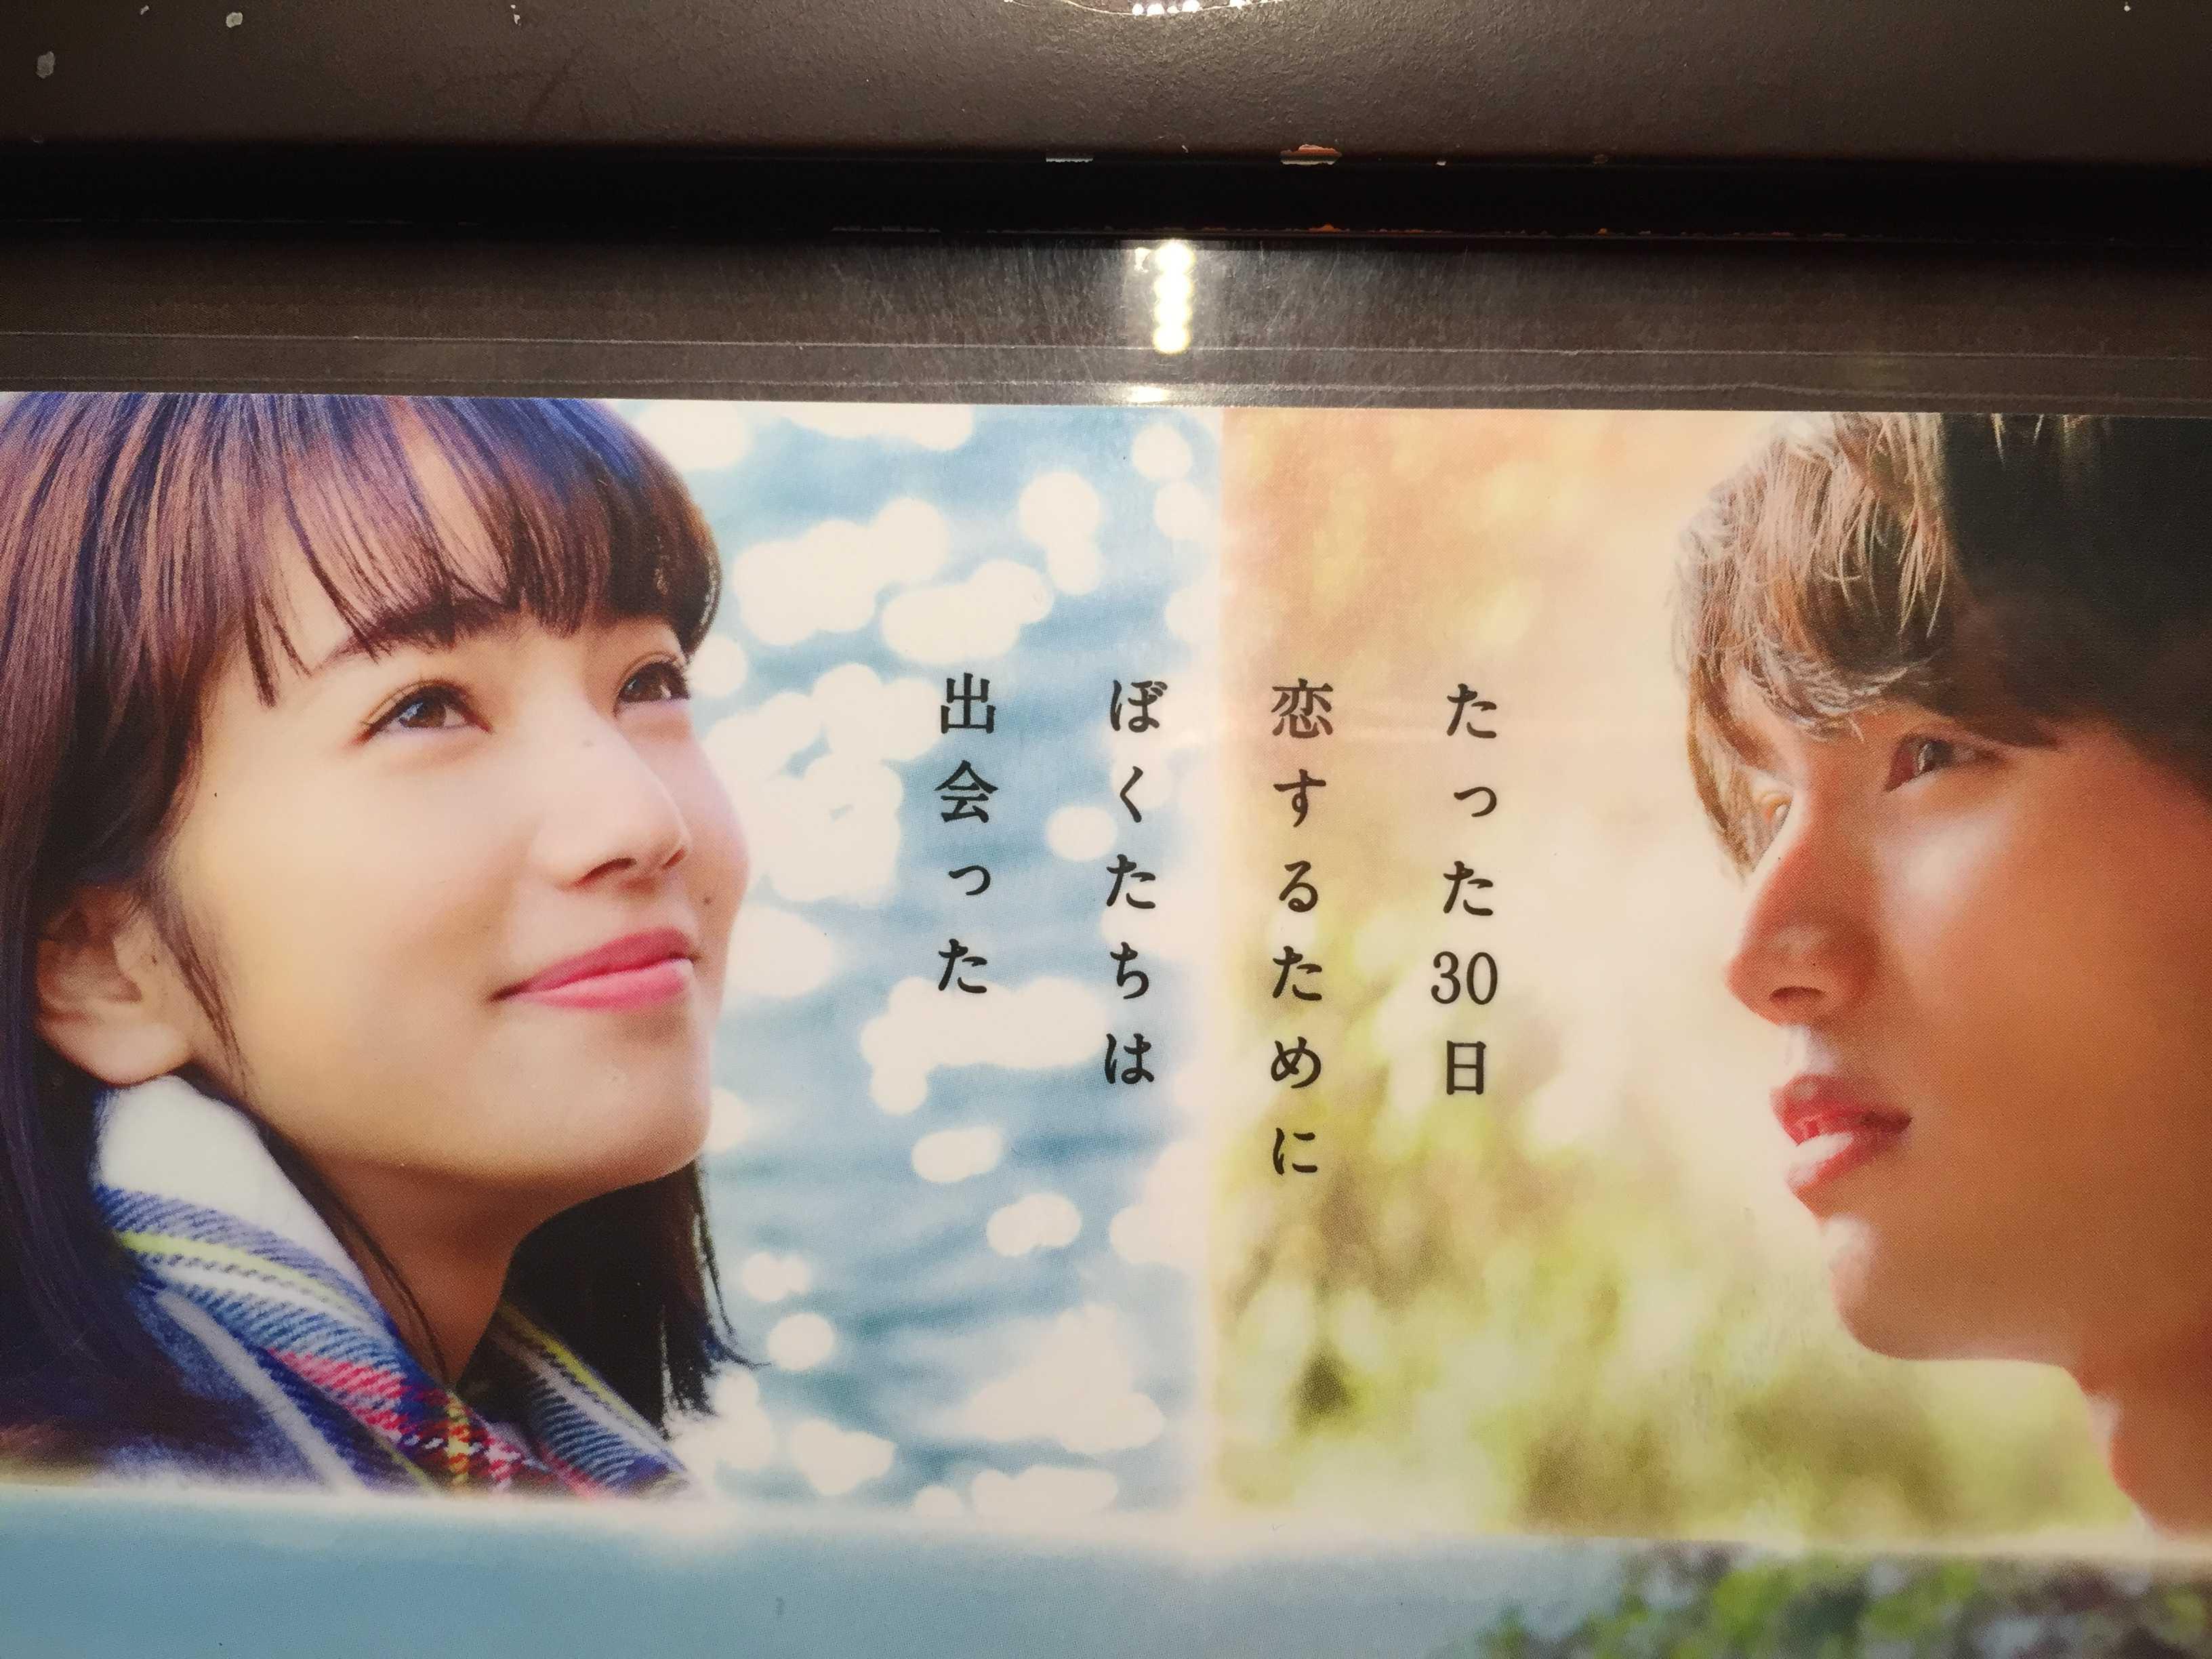 美しい映画「ぼくは明日、昨日のきみとデートする」